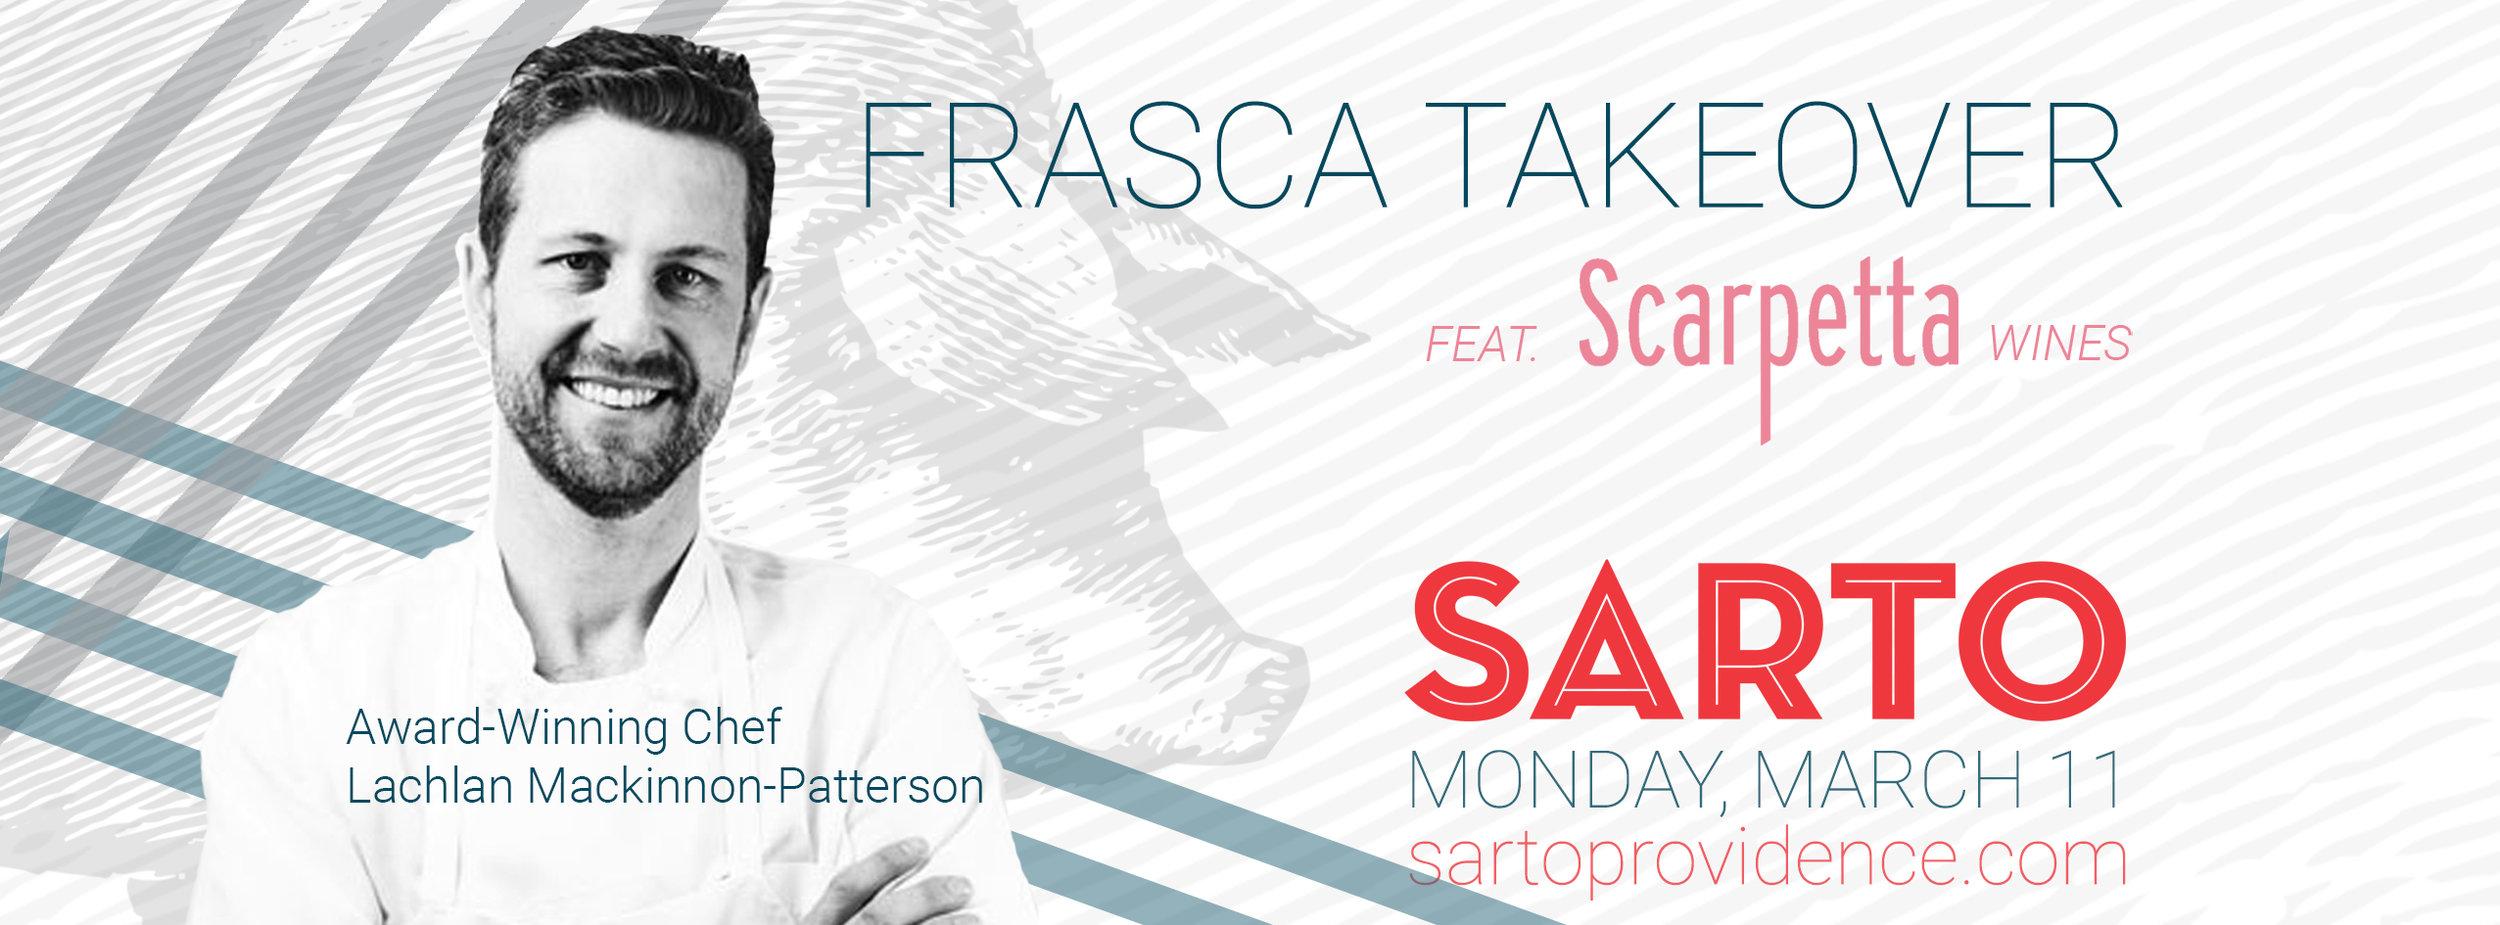 FRASCA-FB-COVER.jpg